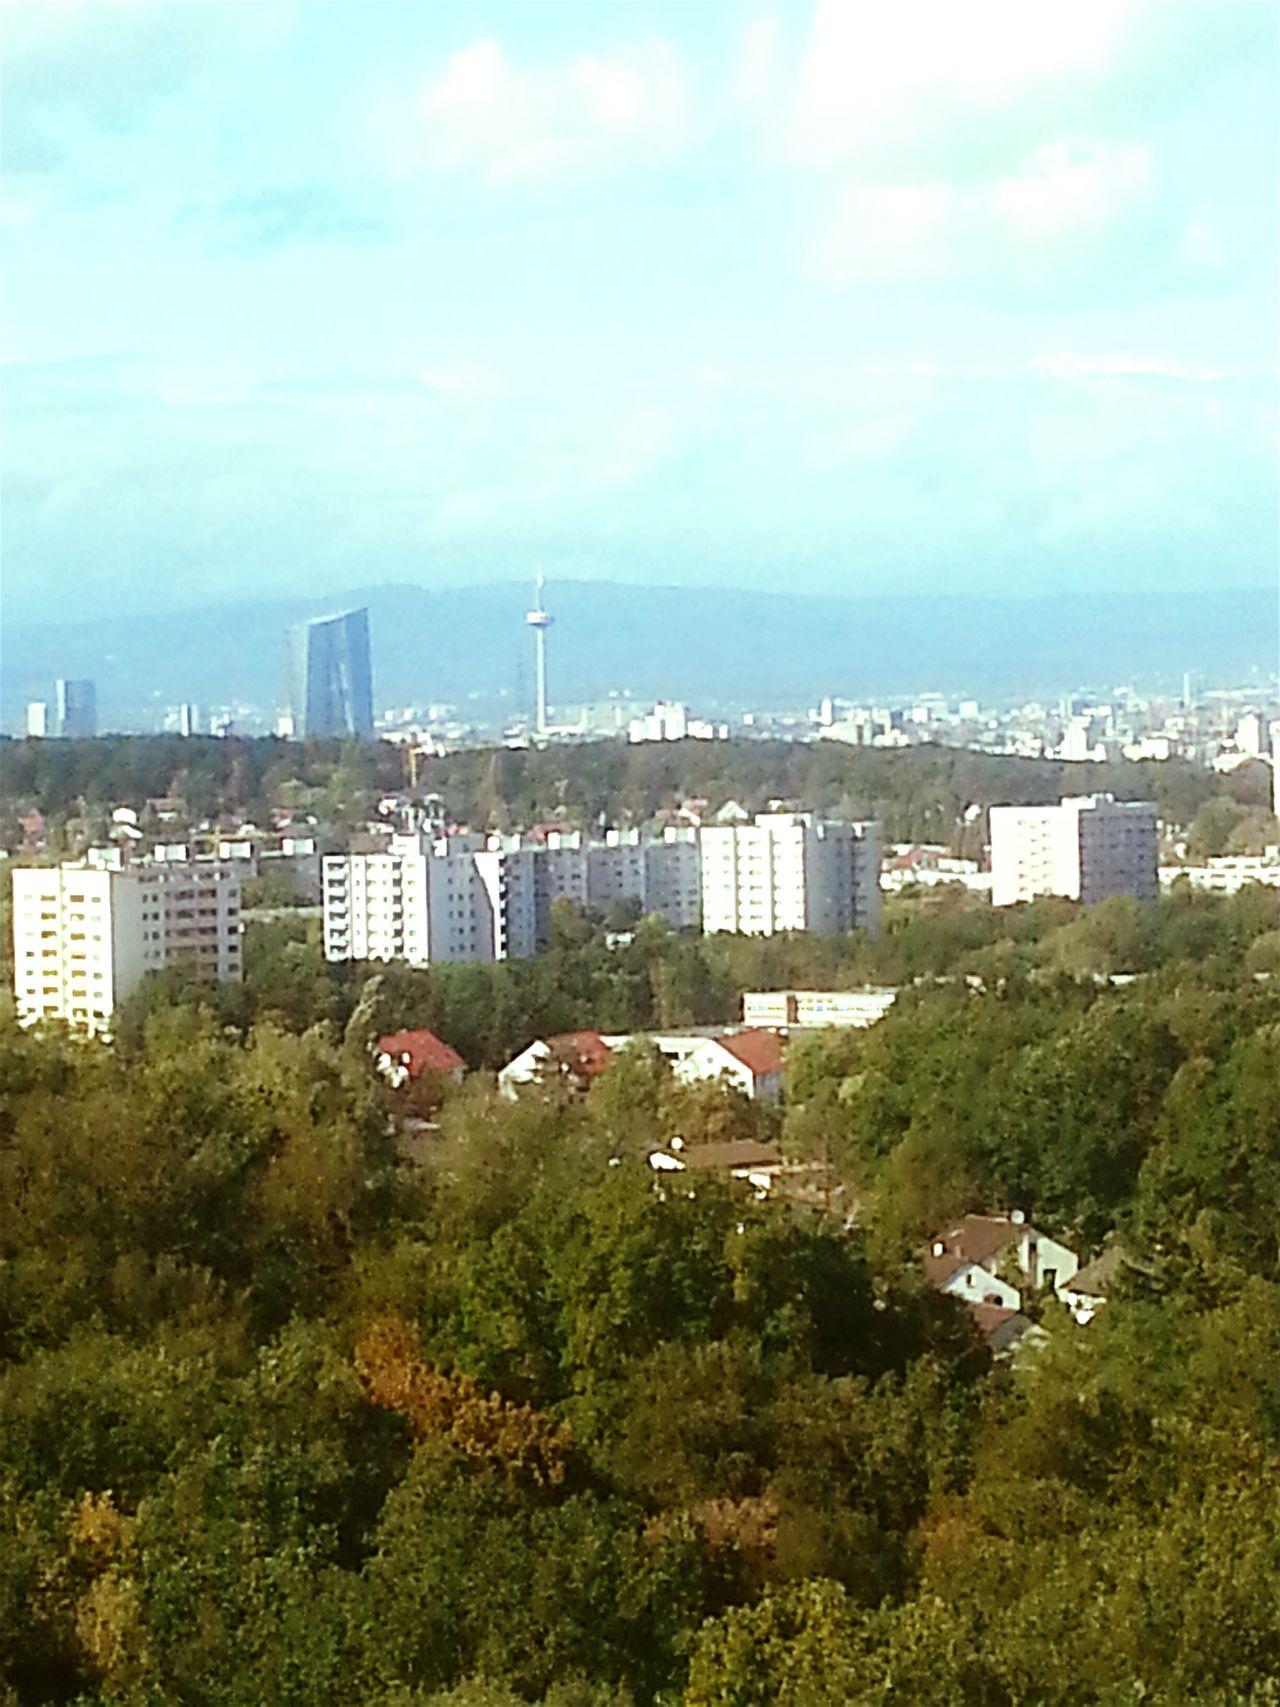 Skyline Frankfurt vom Balkon aufgenommen